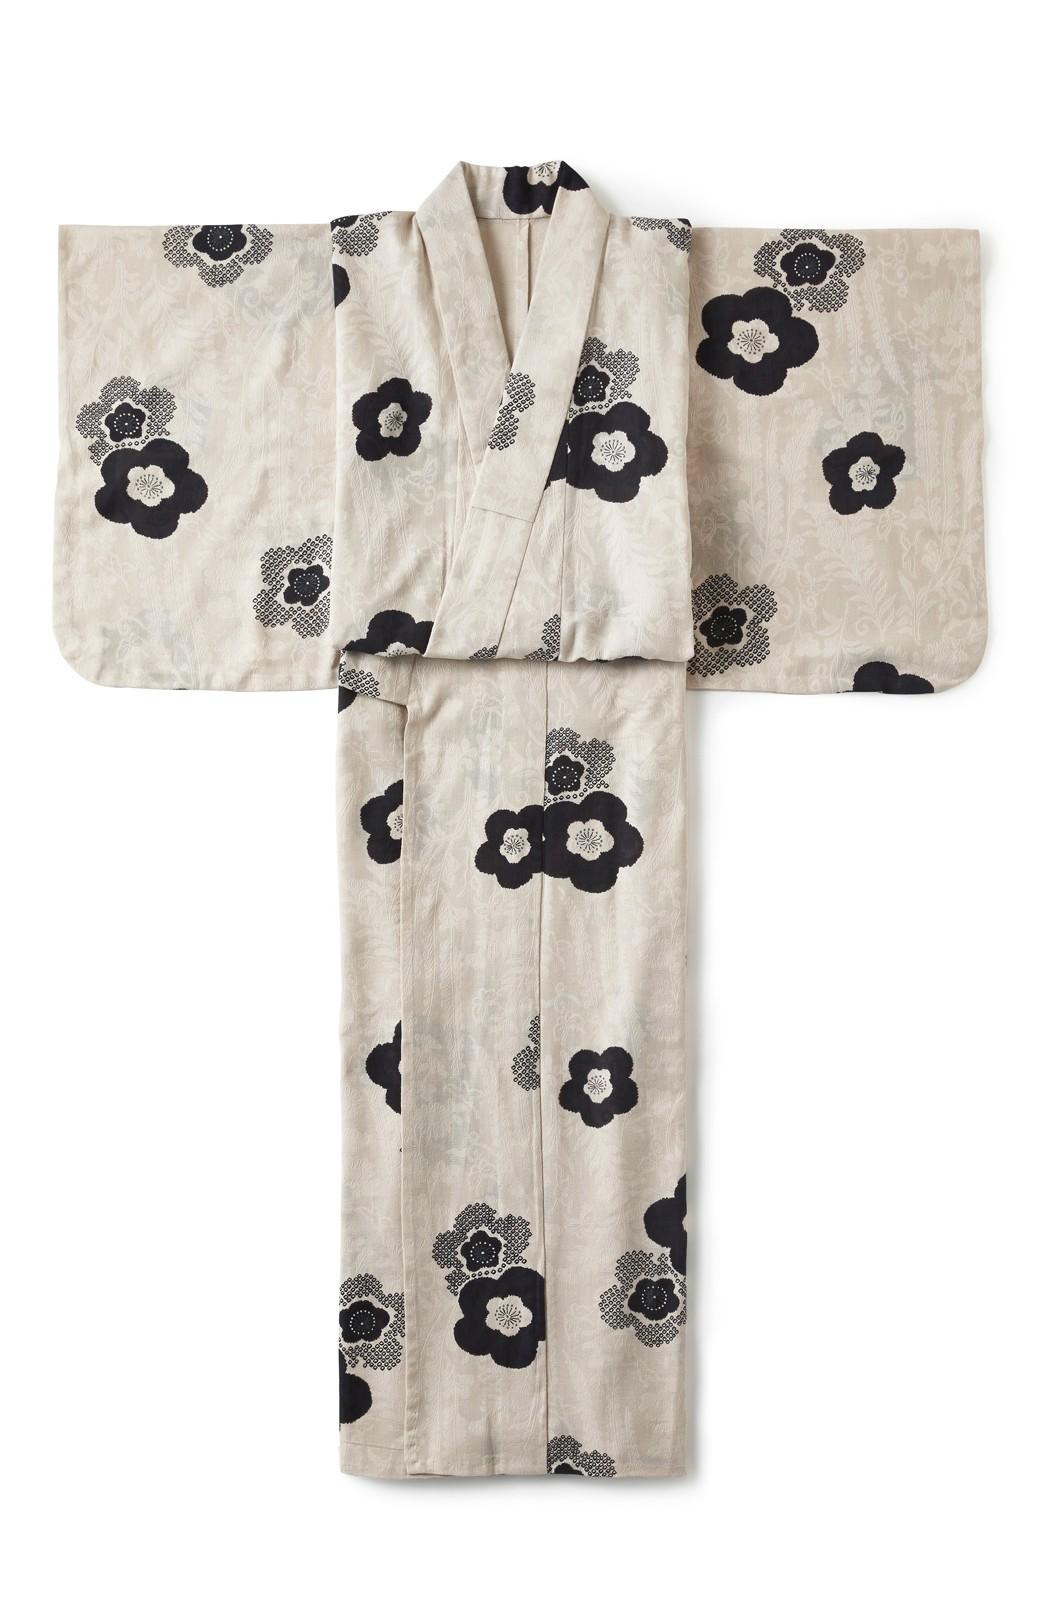 haco! ひでや工房 京都のからみ織ジャカード浴衣 <ブラック系その他>の商品写真2